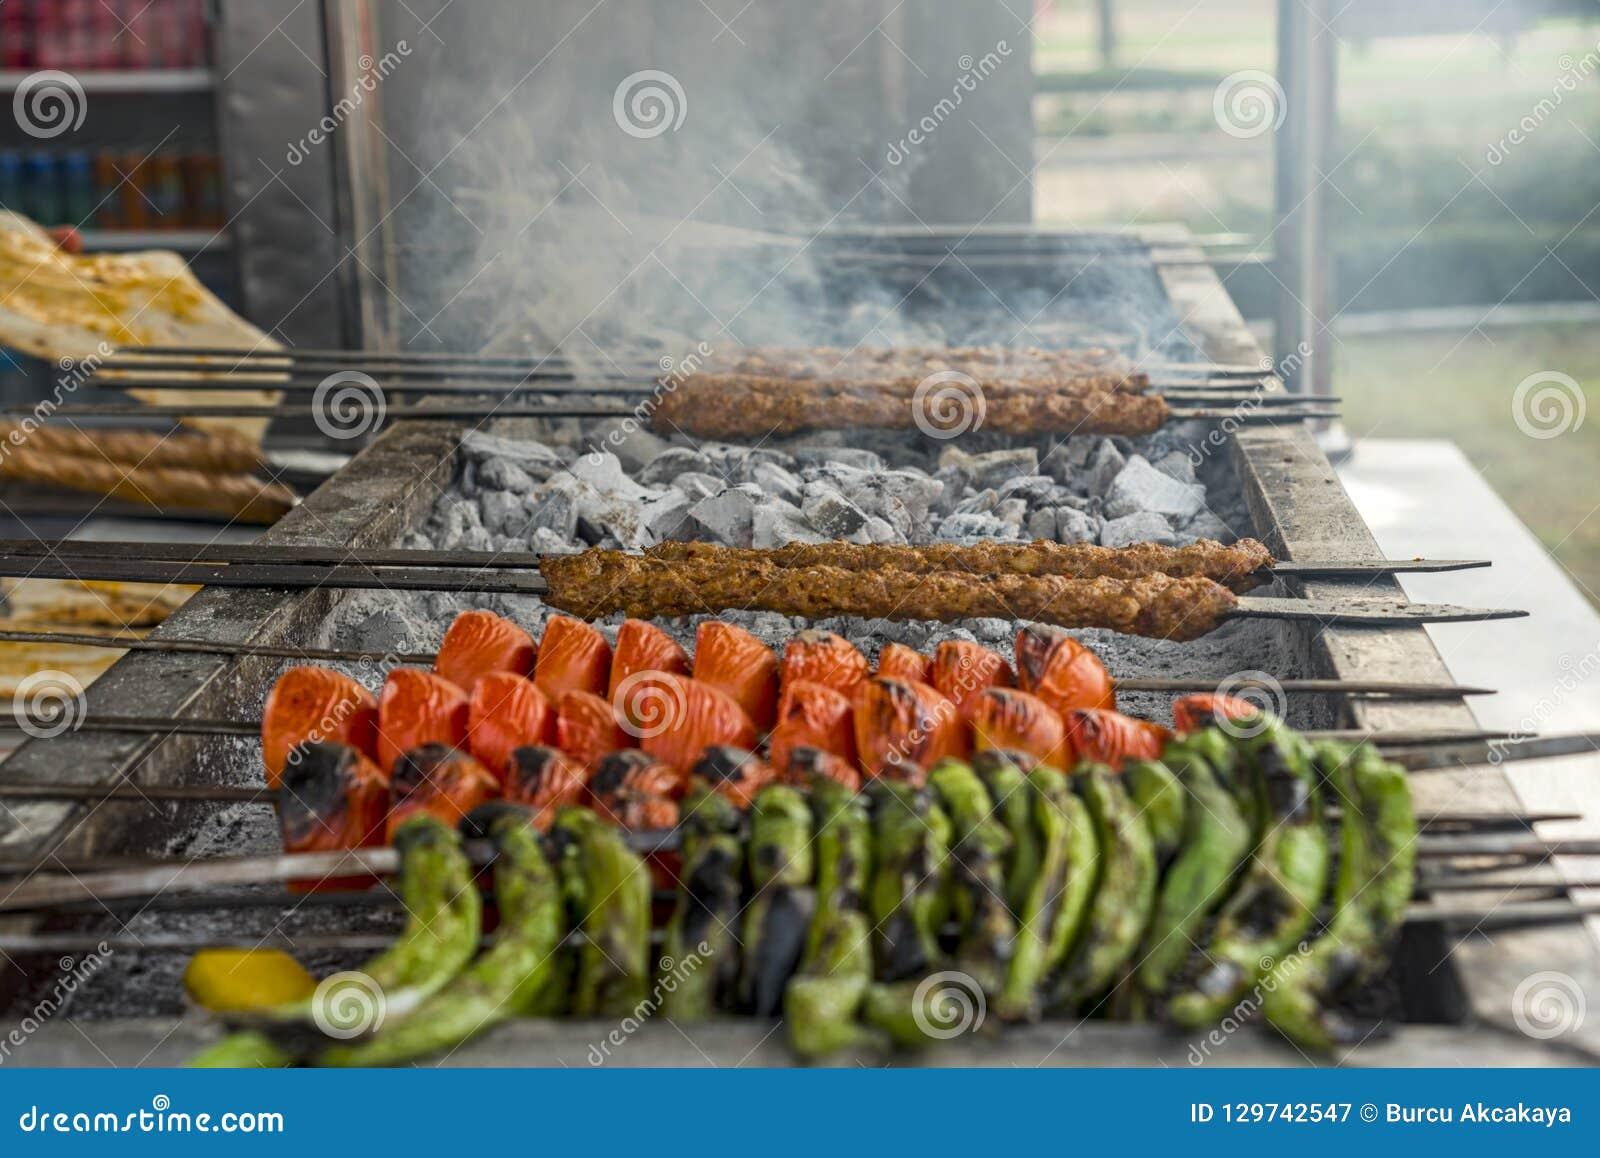 Tradycyjny Turecki kebab z pomidorami i zielonymi pieprzami na bbq, plenerowym